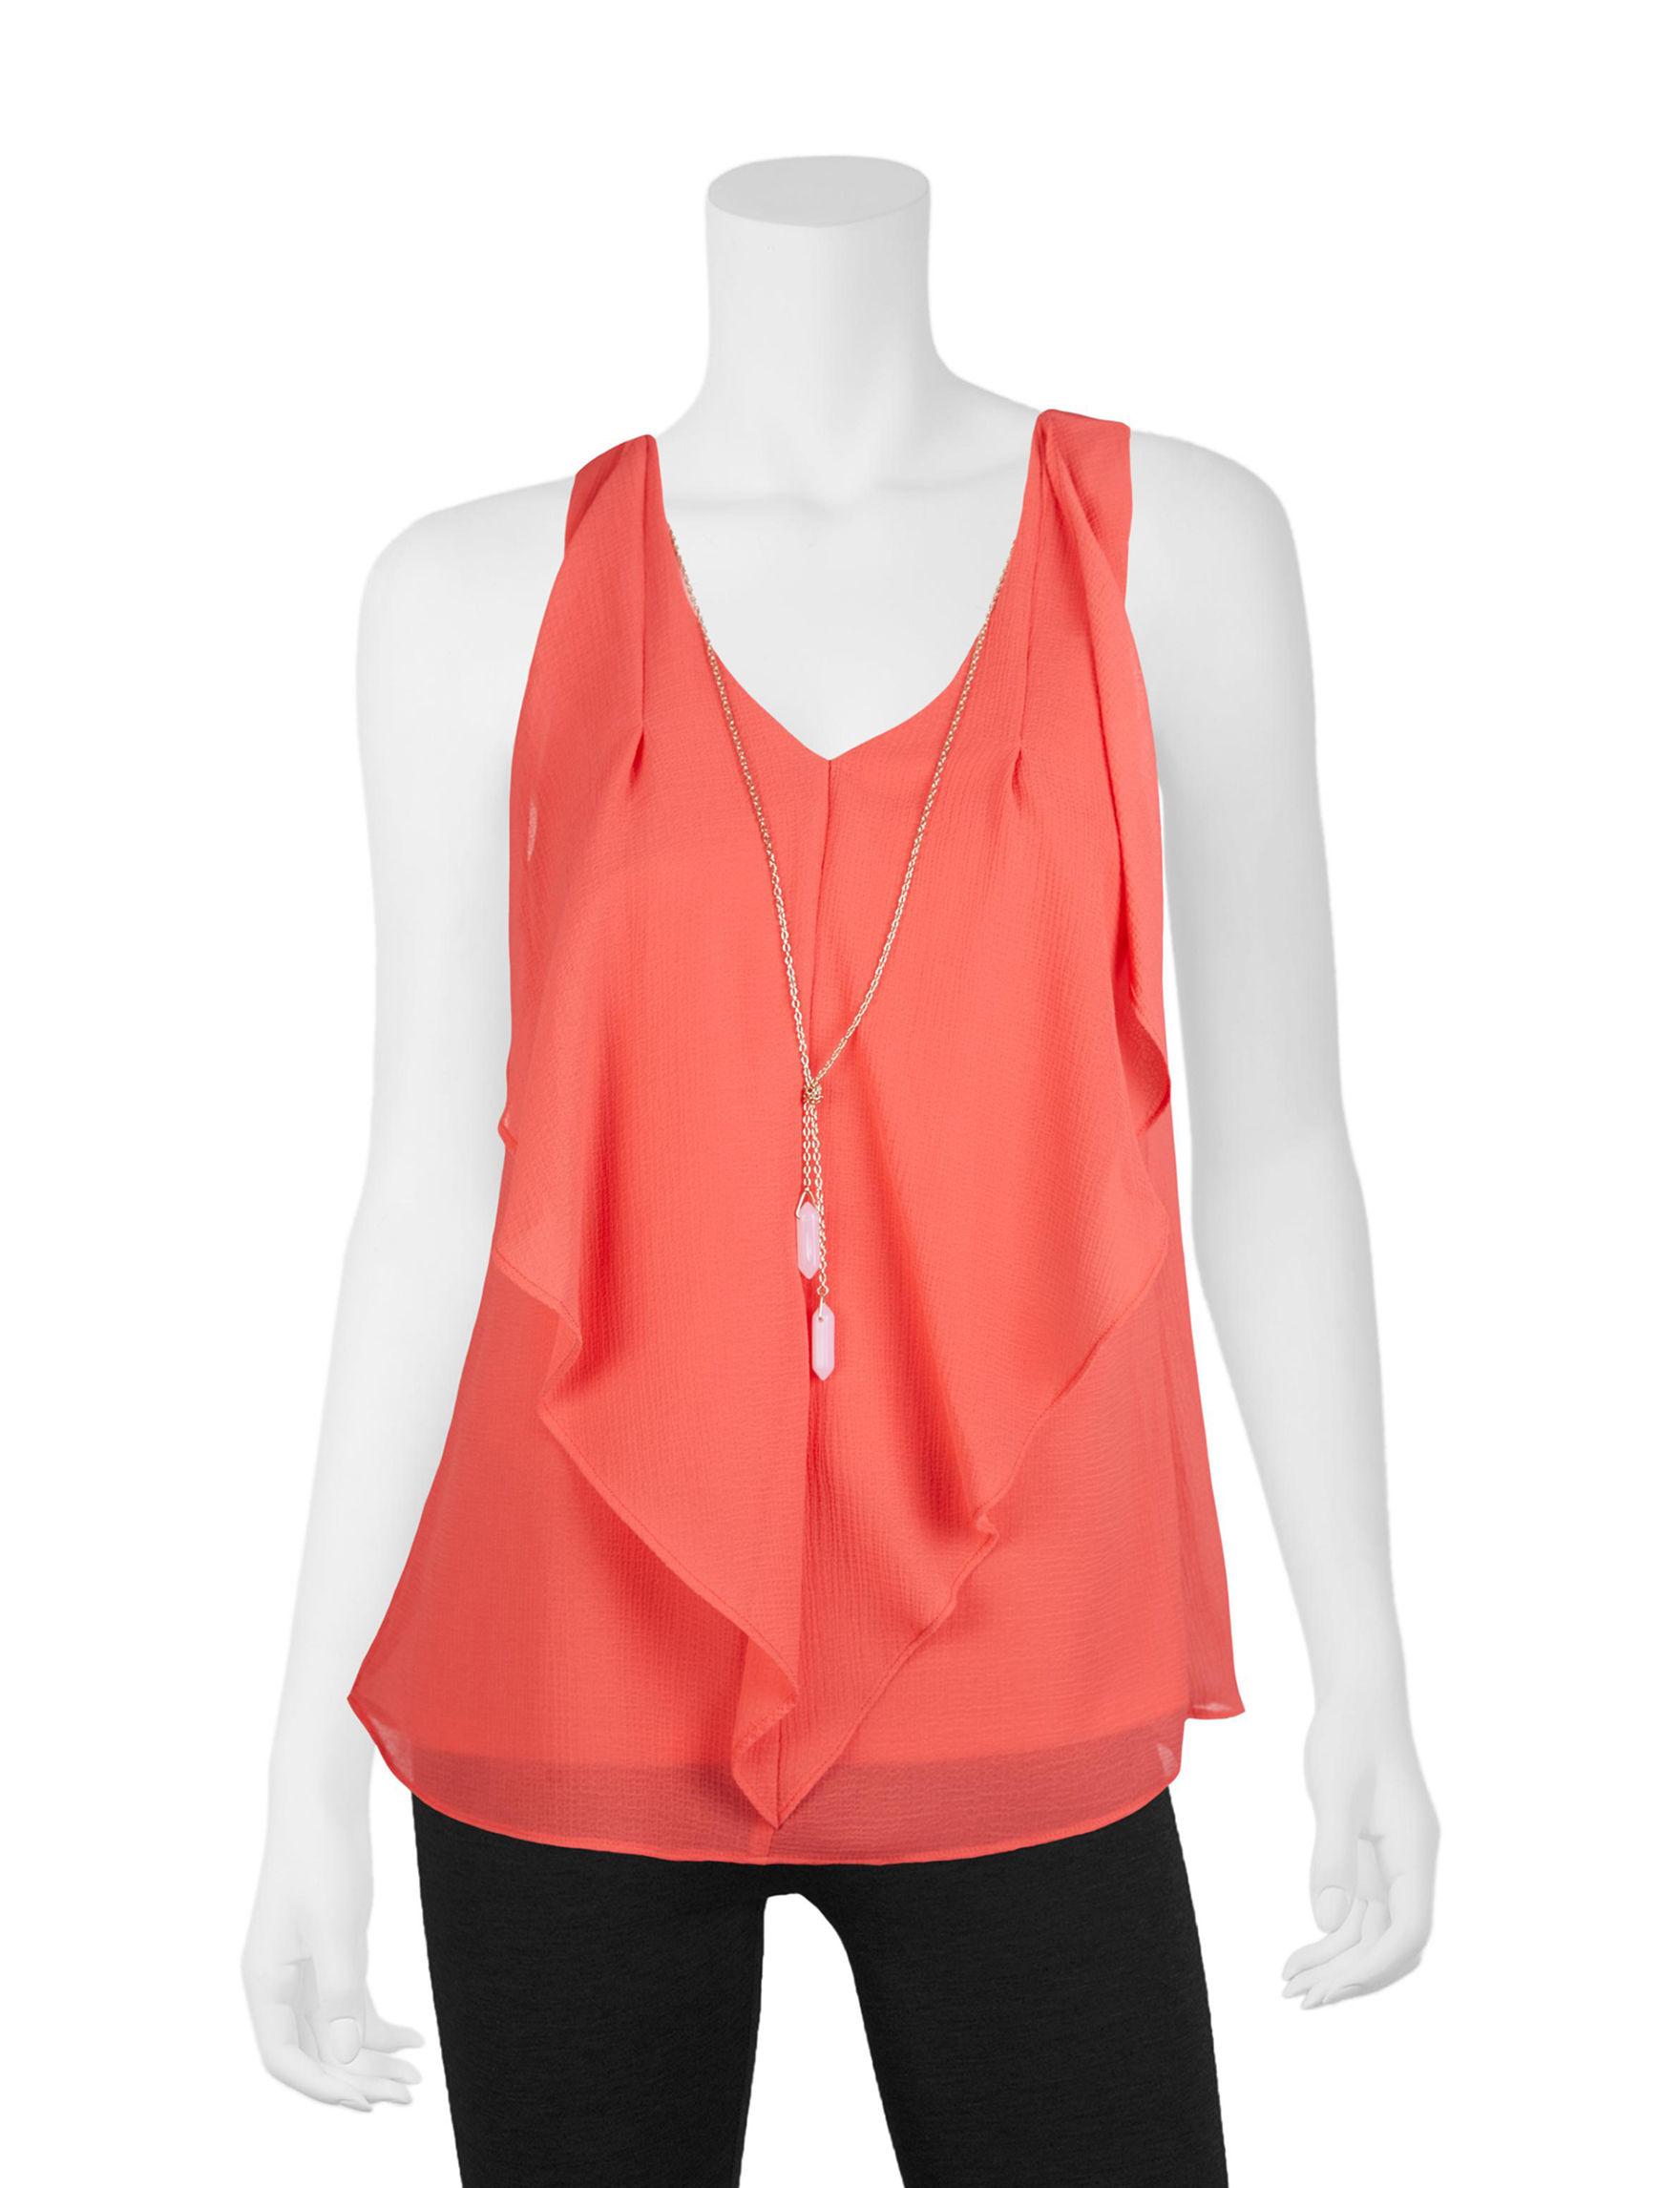 A. Byer Orange Shirts & Blouses